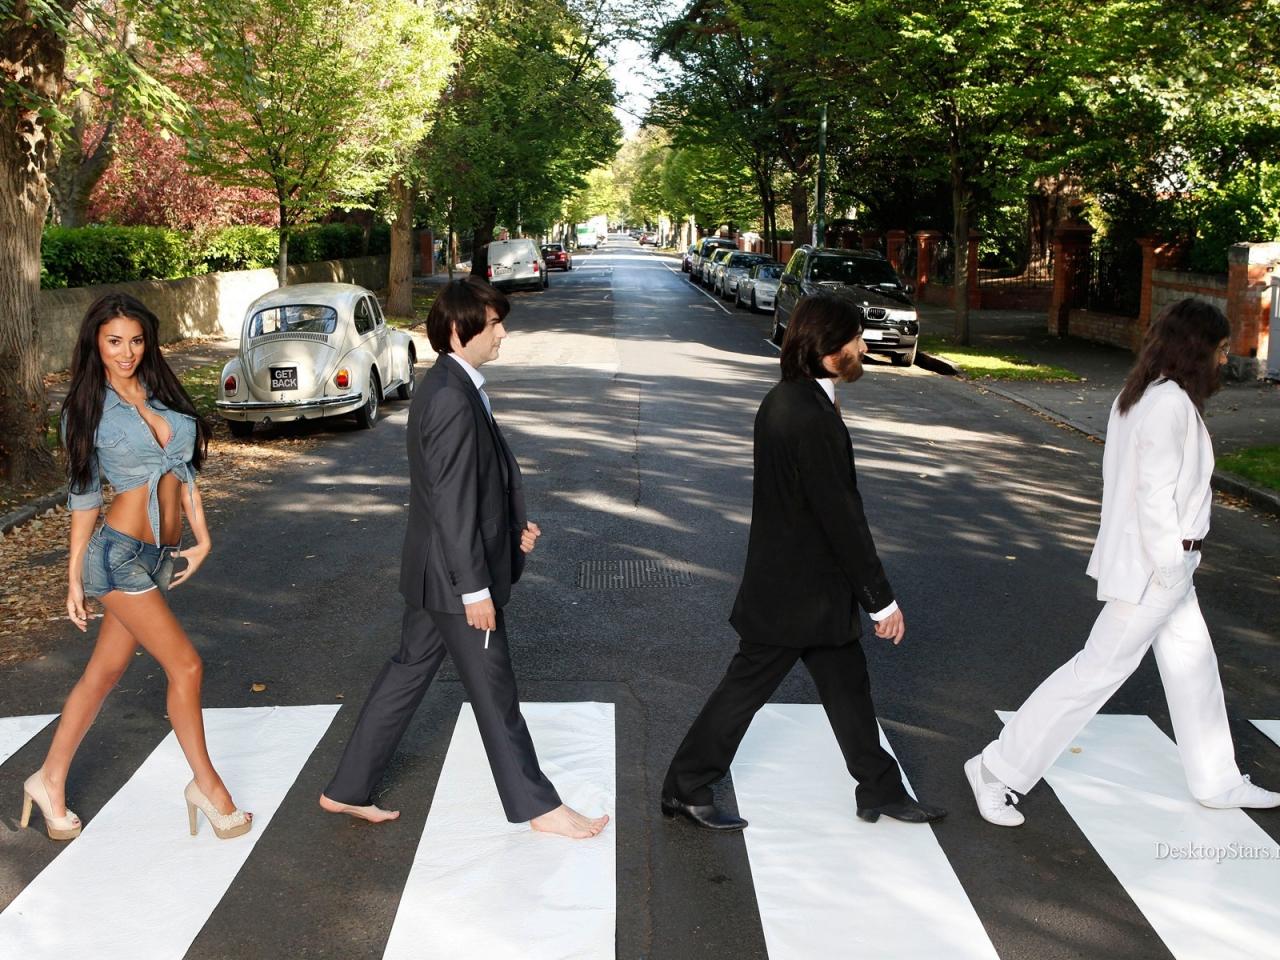 Parodia de Los Beatles en la pista - 1280x960